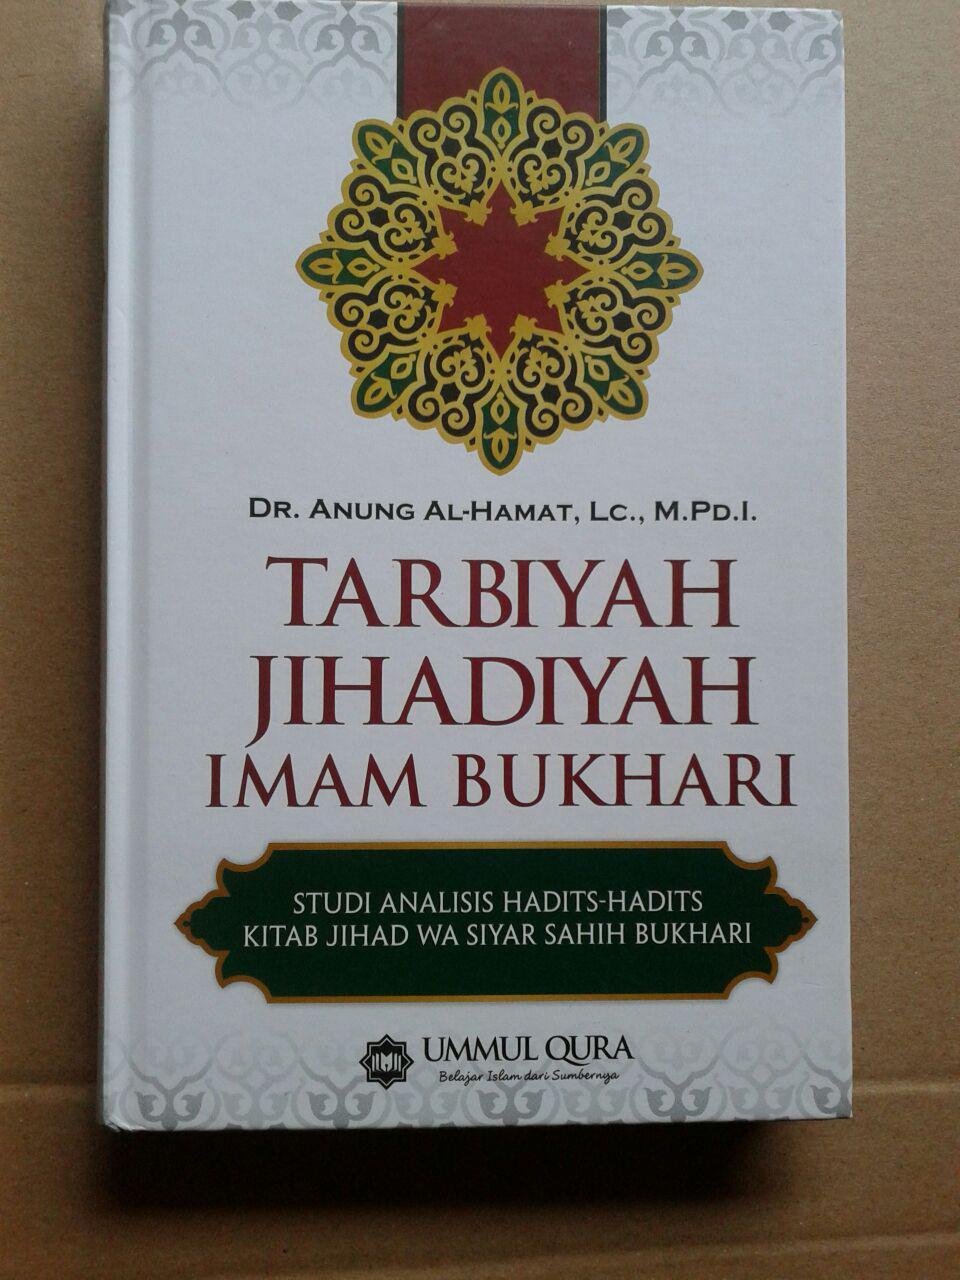 Buku Tarbiyah Jihadiyah Imam Bukhari cover